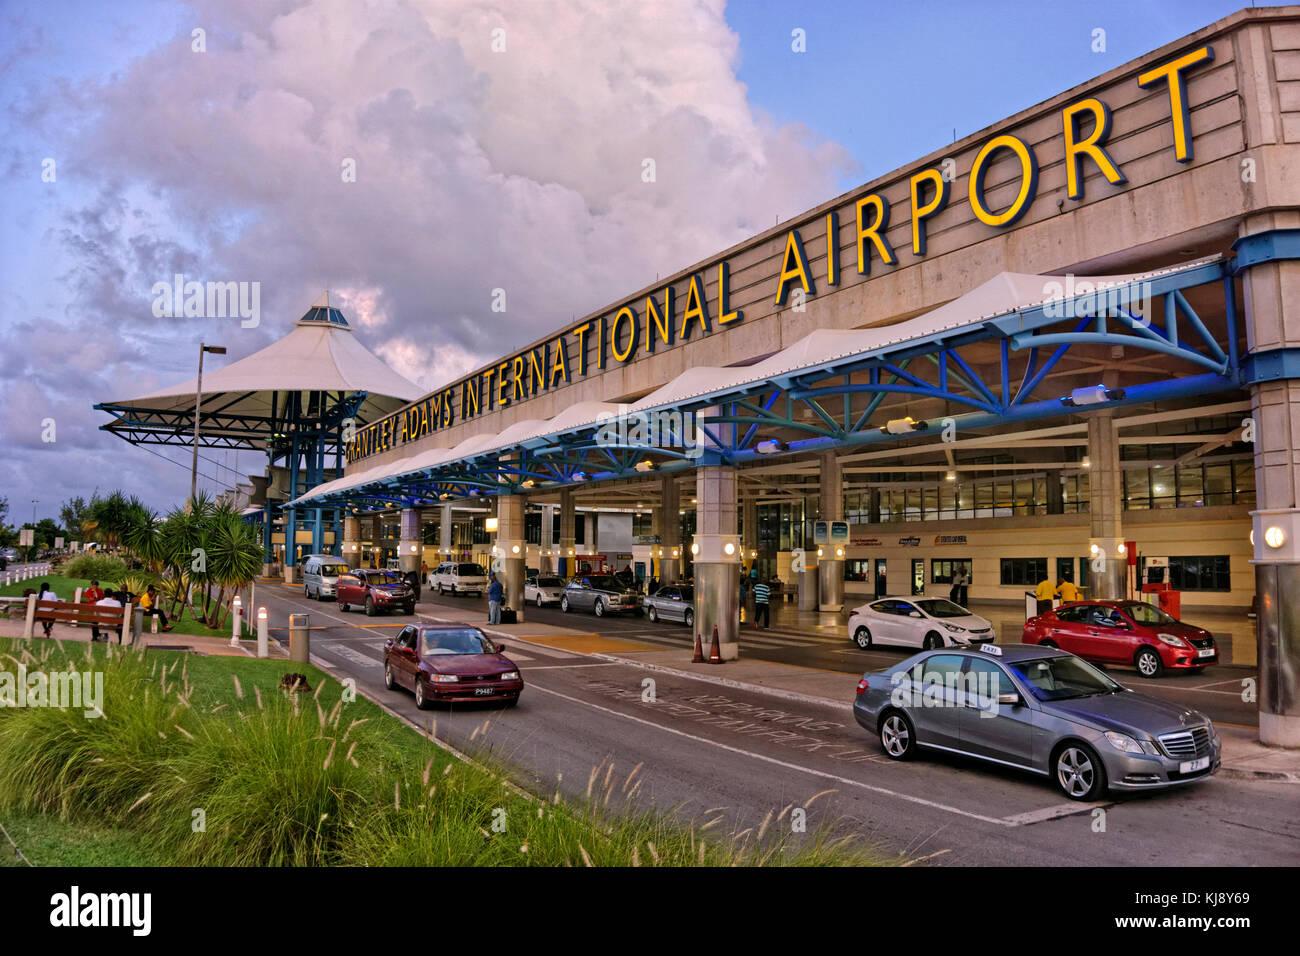 Aeropuerto Internacional Grantley Adams, Bridgetown, Christ Church, Barbados. Foto de stock